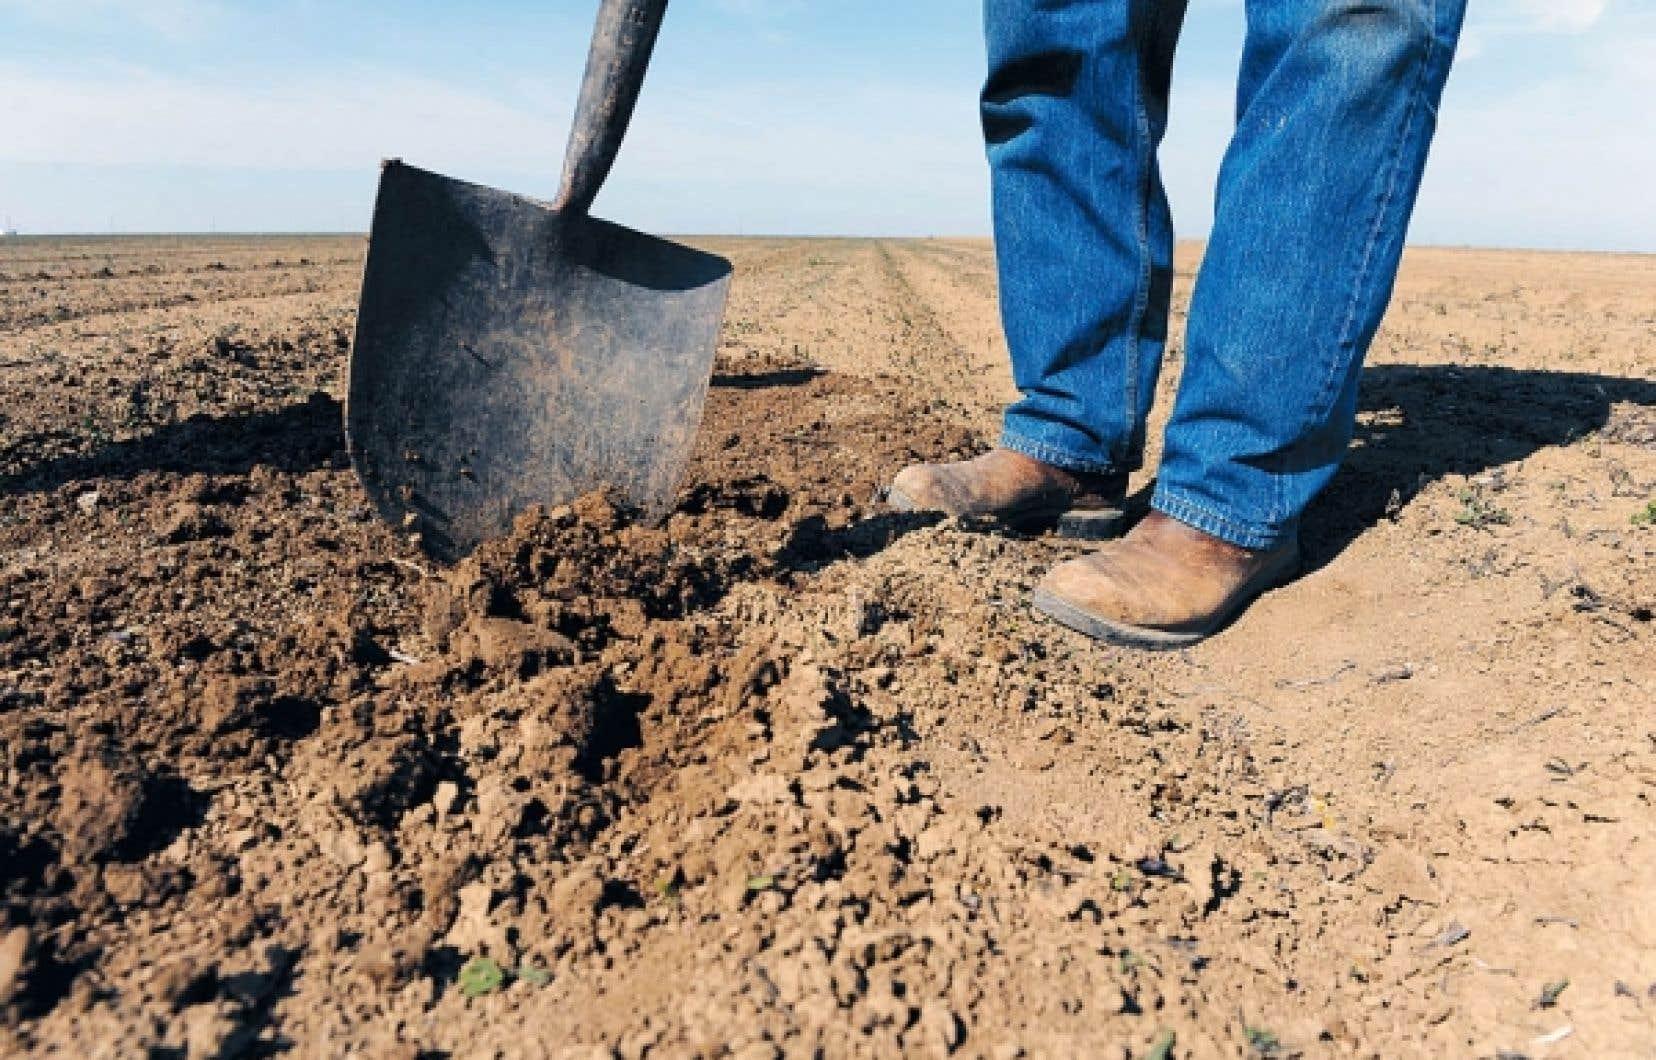 Un fermier examine le sol au cours d&rsquo;une s&eacute;cheresse en Californie, en 1999. L&rsquo;esp&egrave;ce humaine est en passe de rompre l&rsquo;&eacute;quilibre de la Terre.<br />